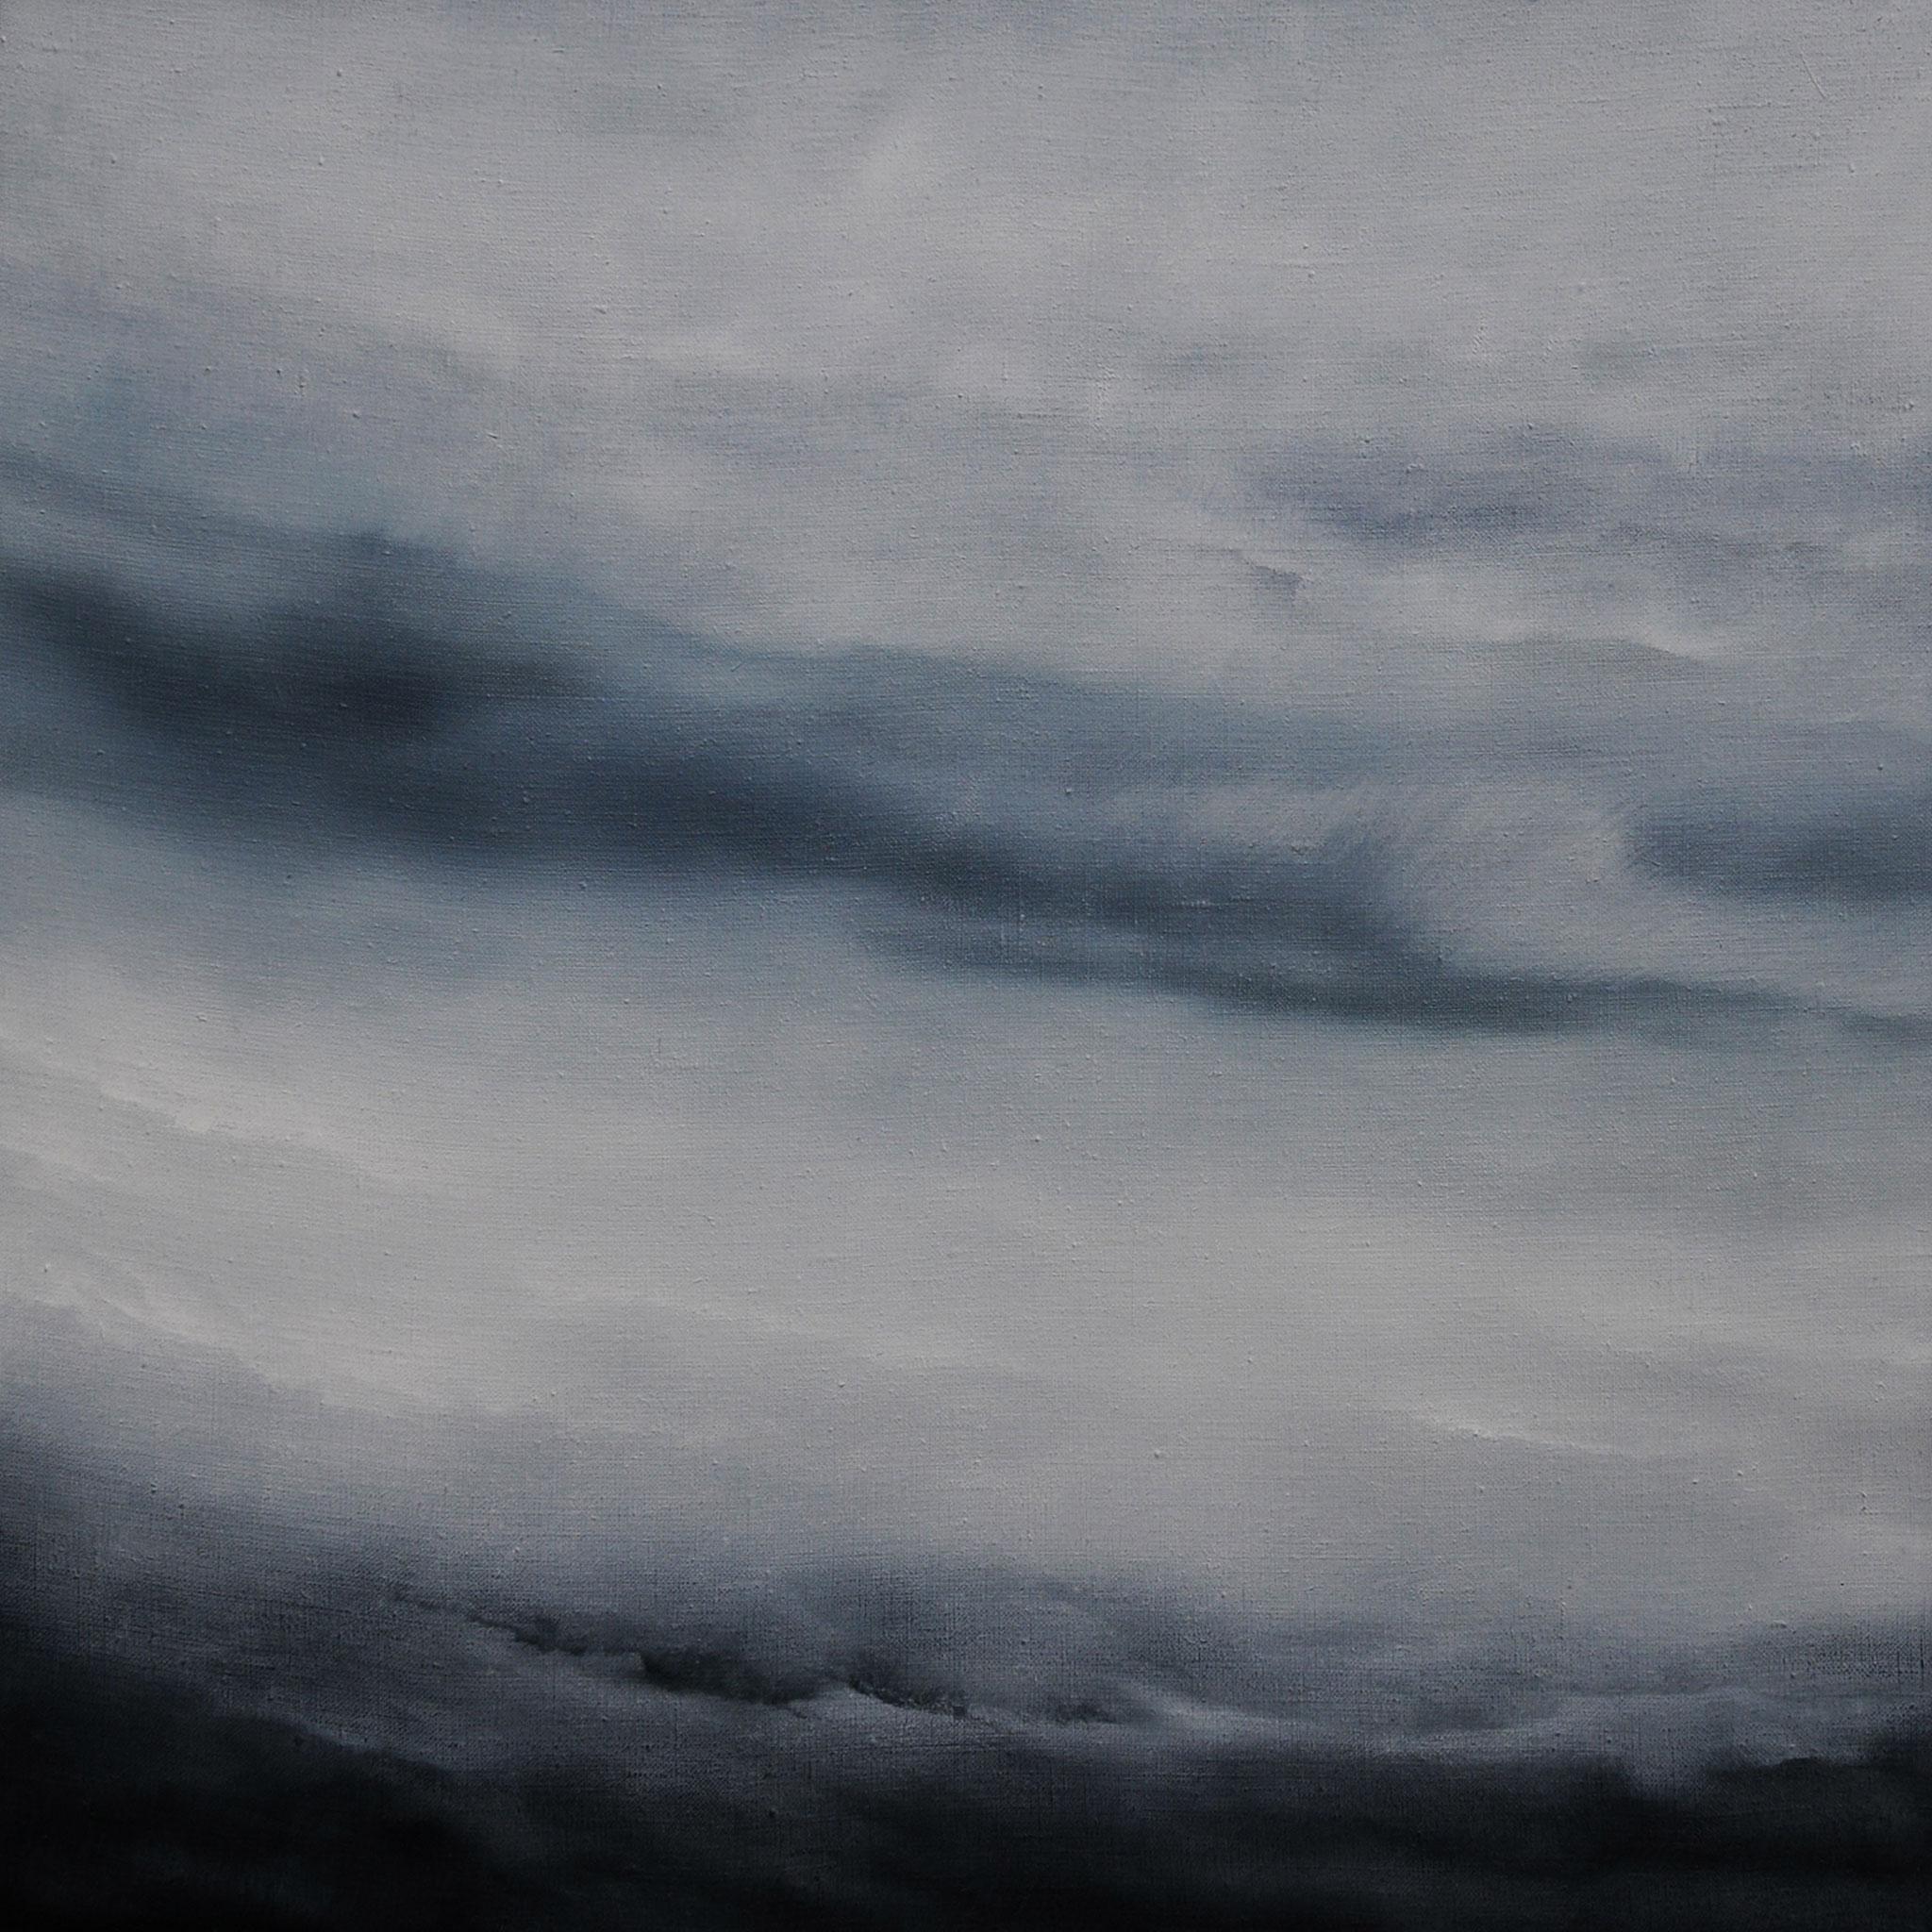 LANDSCHAFT IN AUFLÖSUNG, 2018, Öl/Lwd., 60 x 60cm